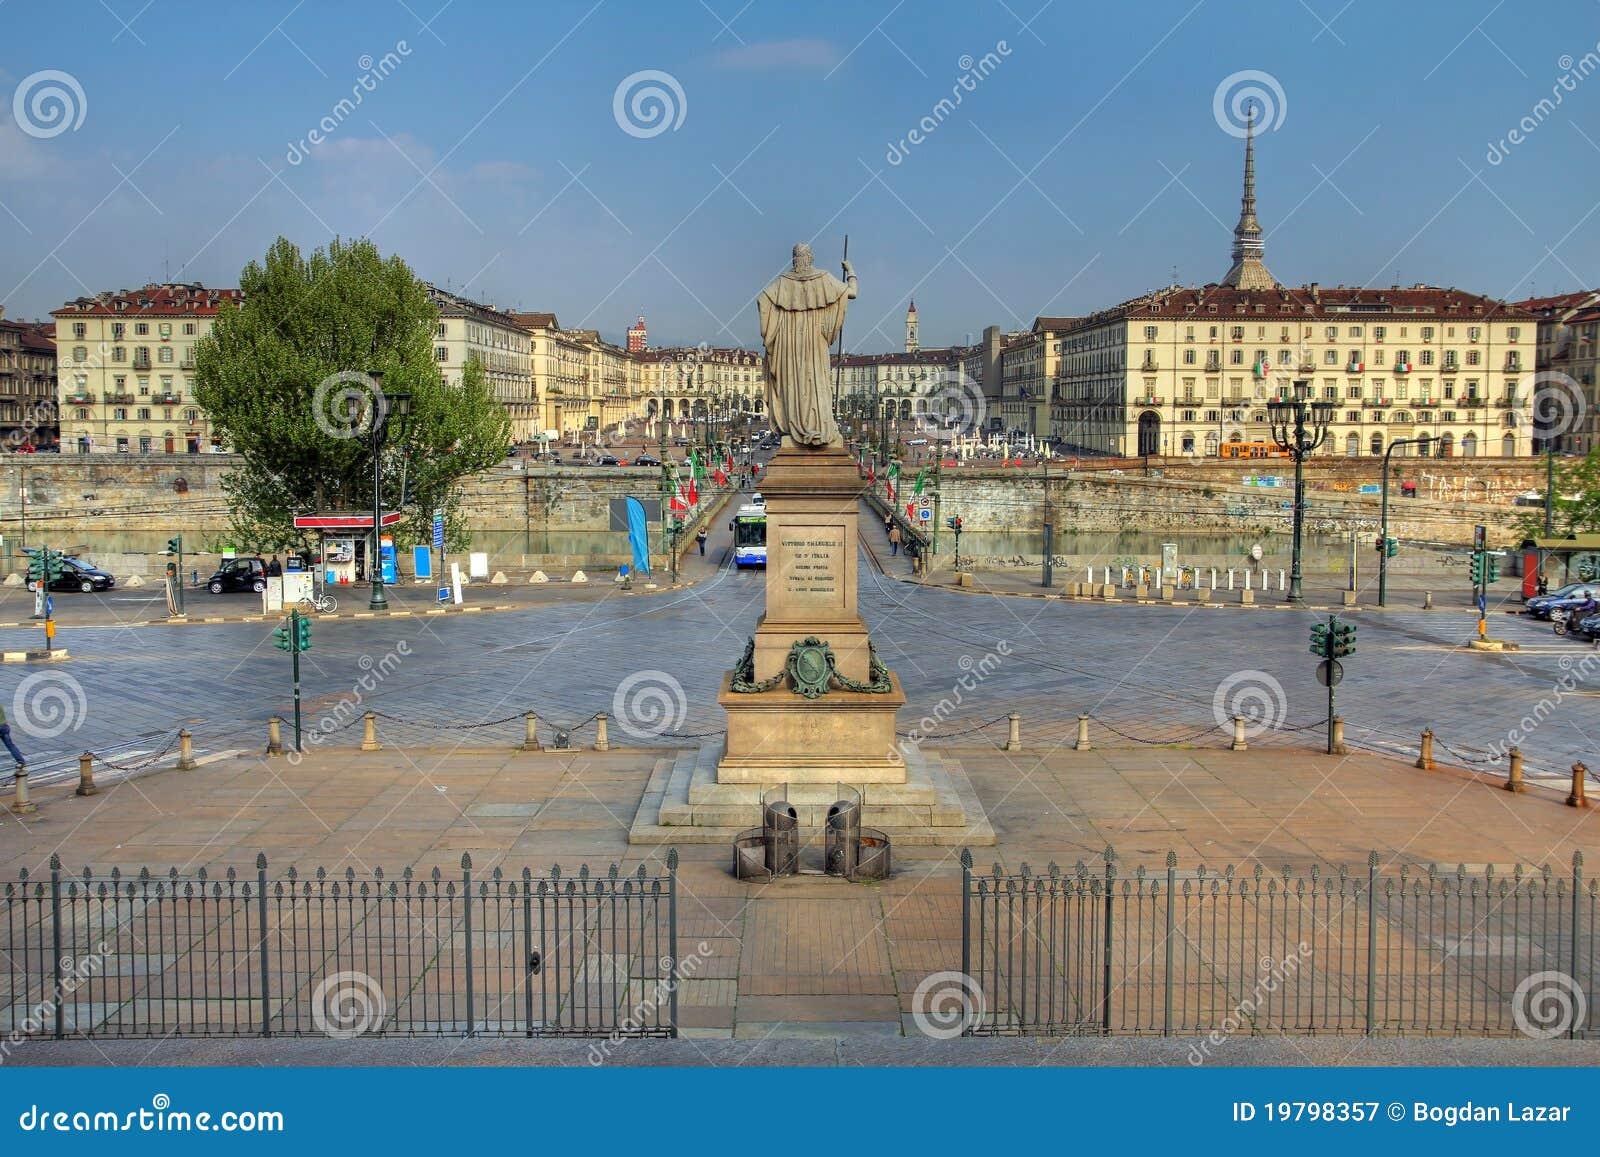 Vittorio Veneto Italy  City pictures : View of the Vittorio Veneto Square in Turin Torino , Italy from the ...